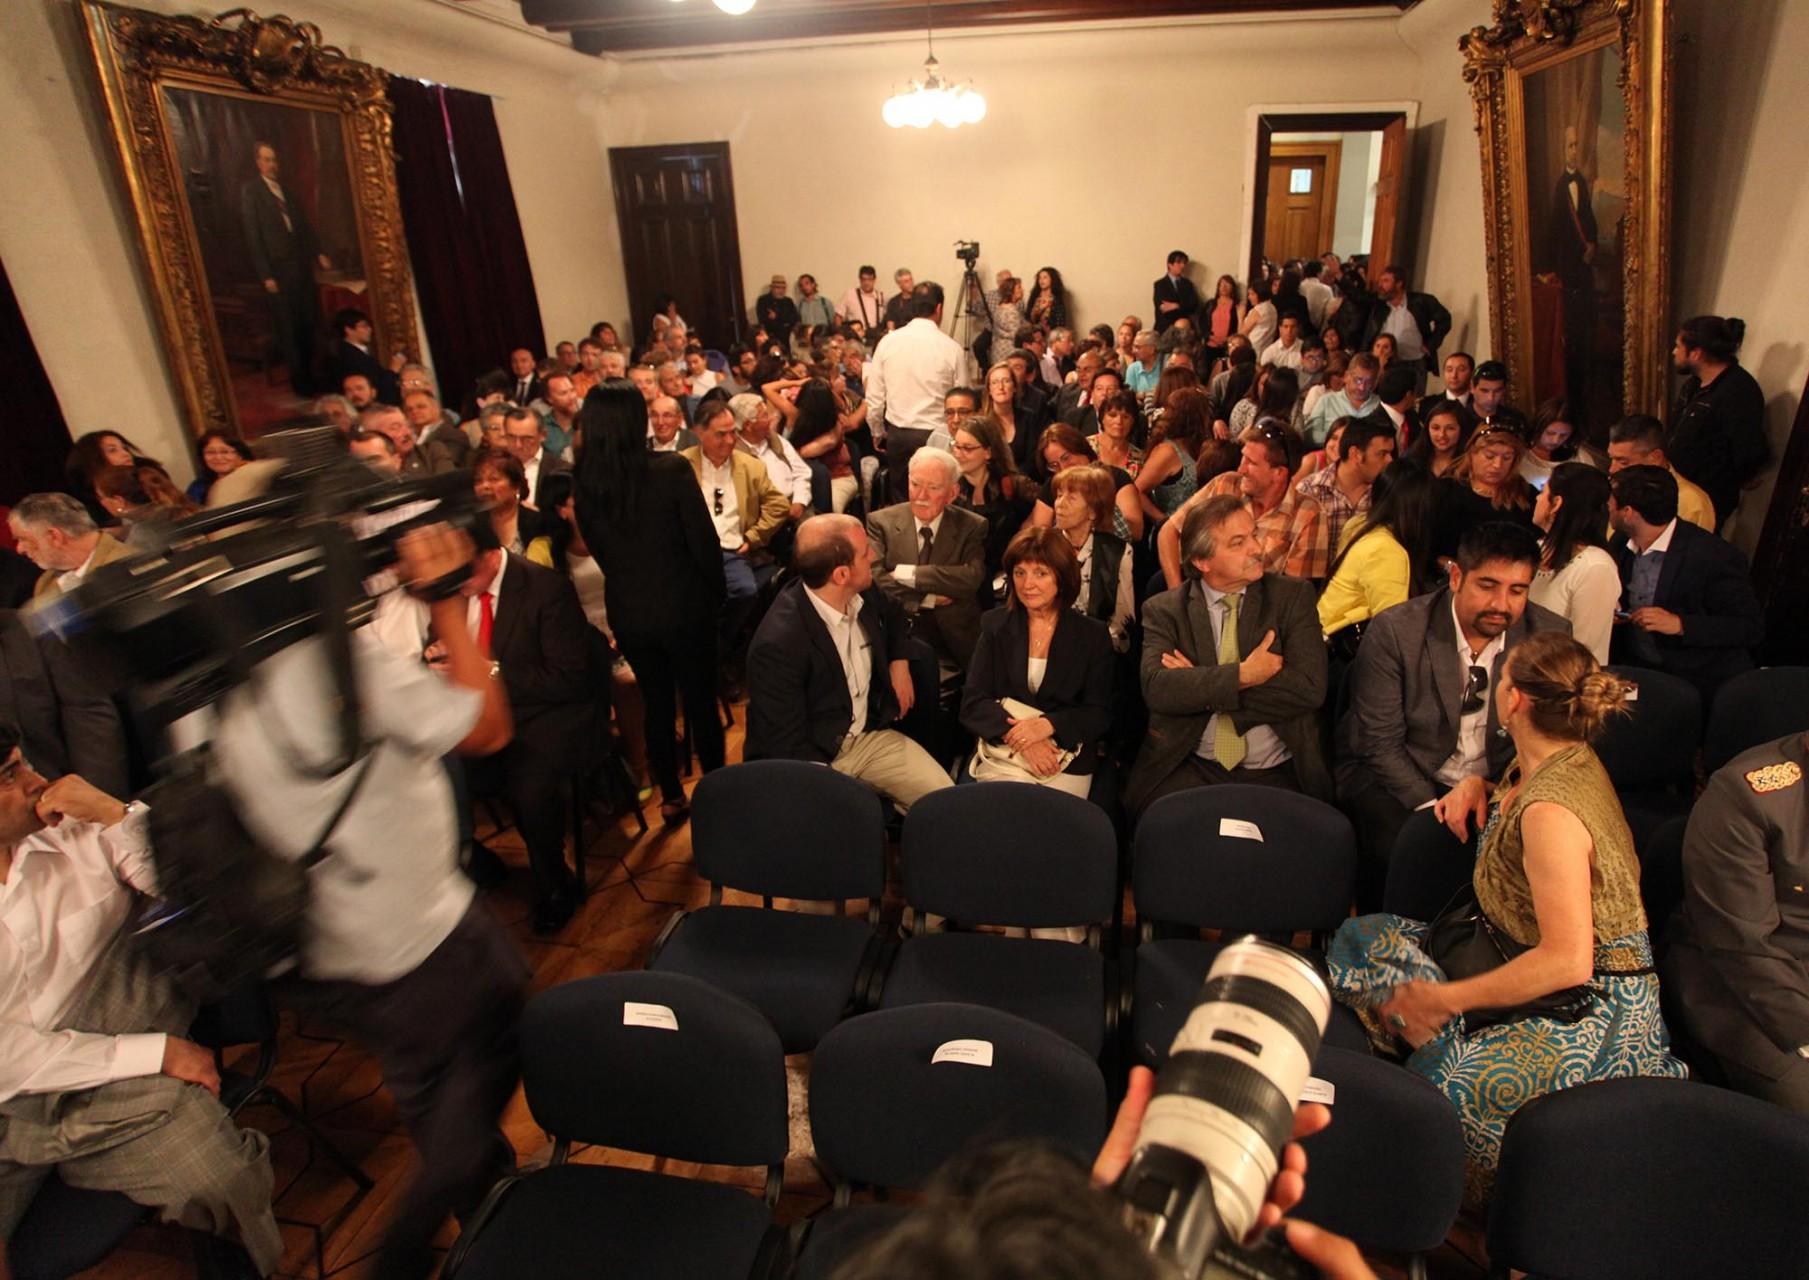 Un salón de honor caluroso y lleno de gente y expectativas recibió a Jorge Sharp cuando juró como alcalde de Valparaíso.